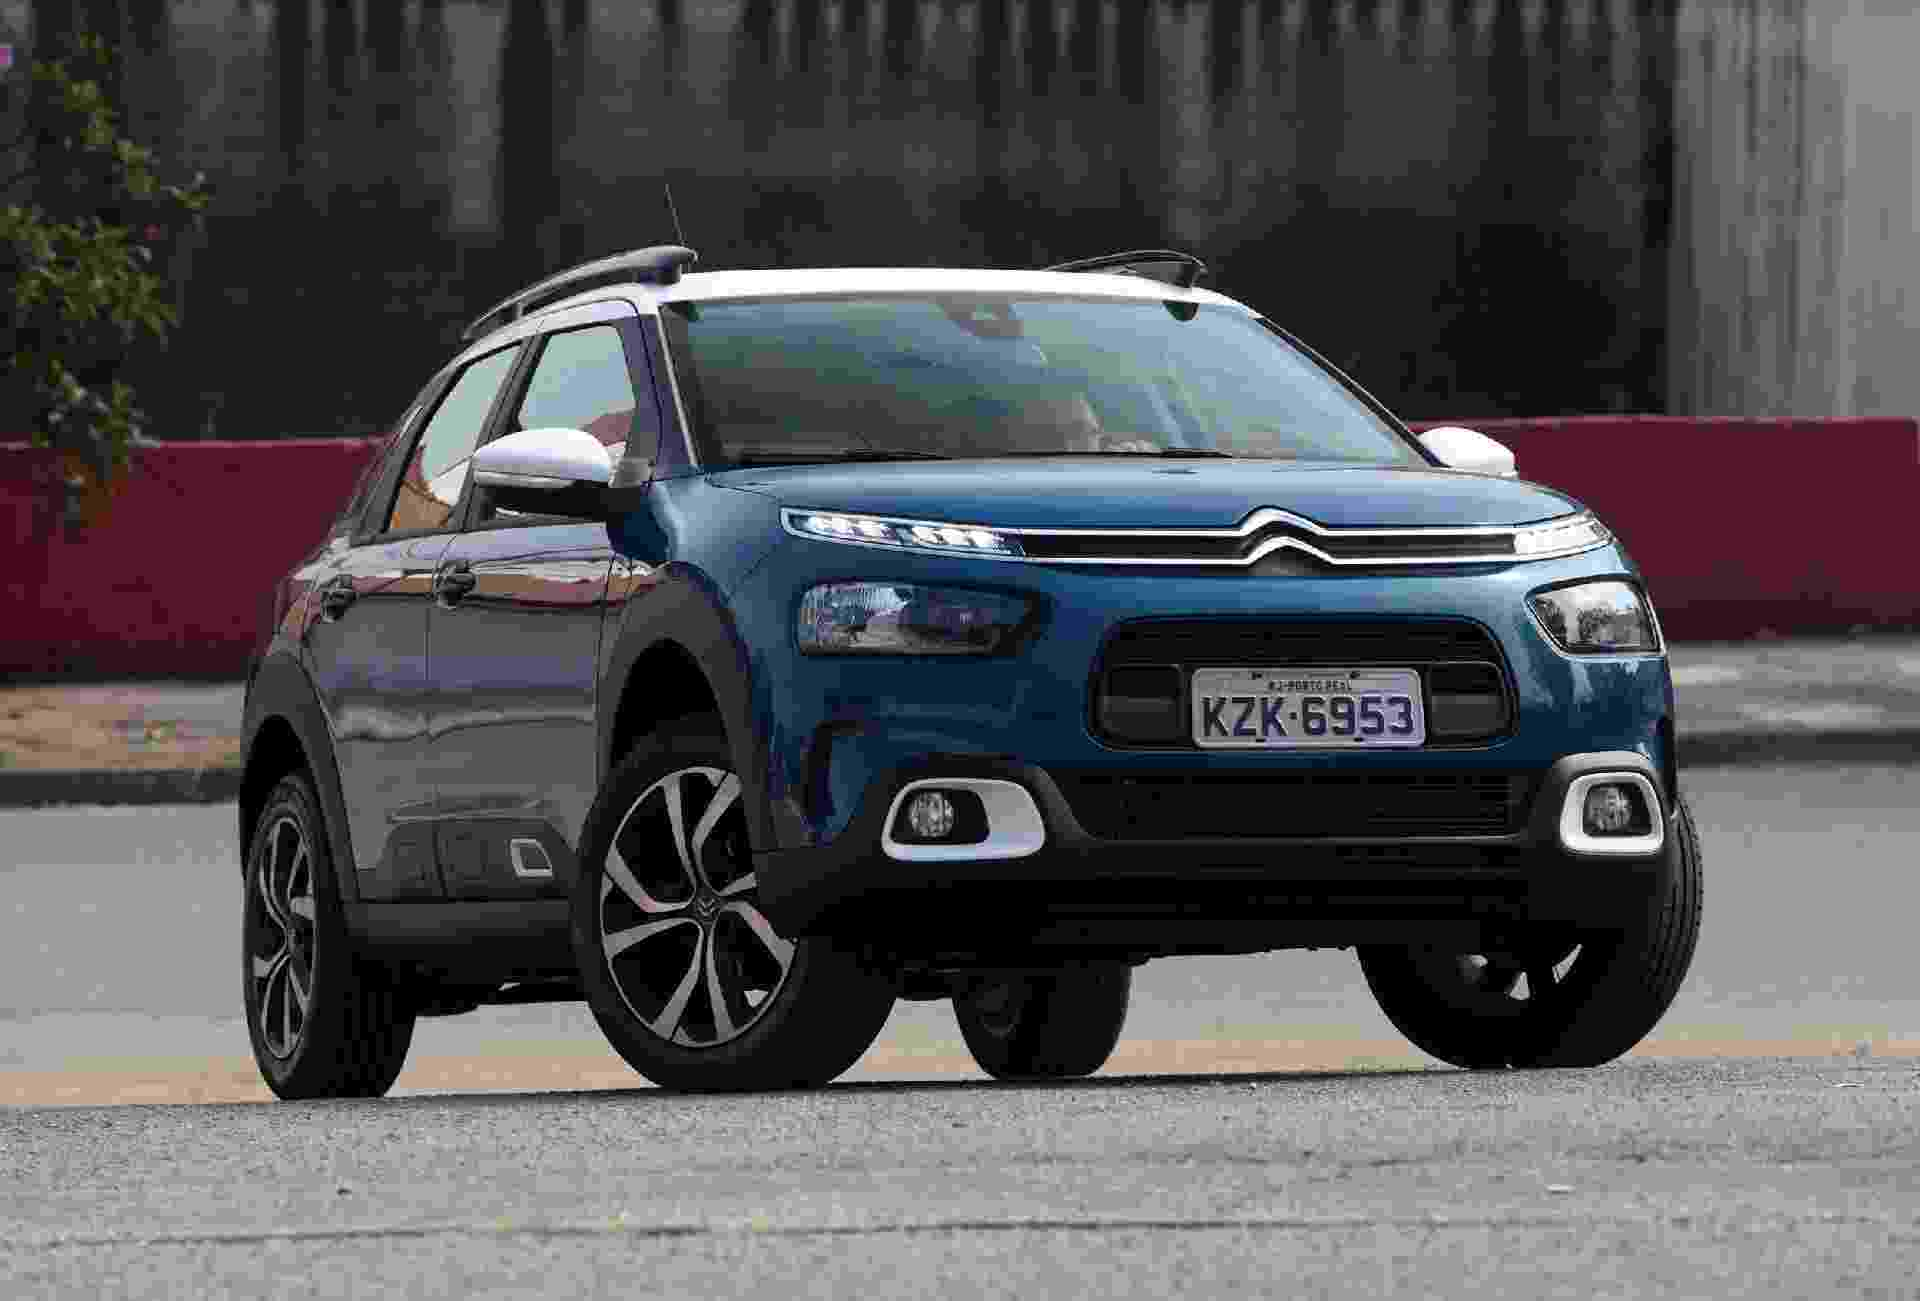 Citroën C4 Cactus - Murilo Góes/UOL